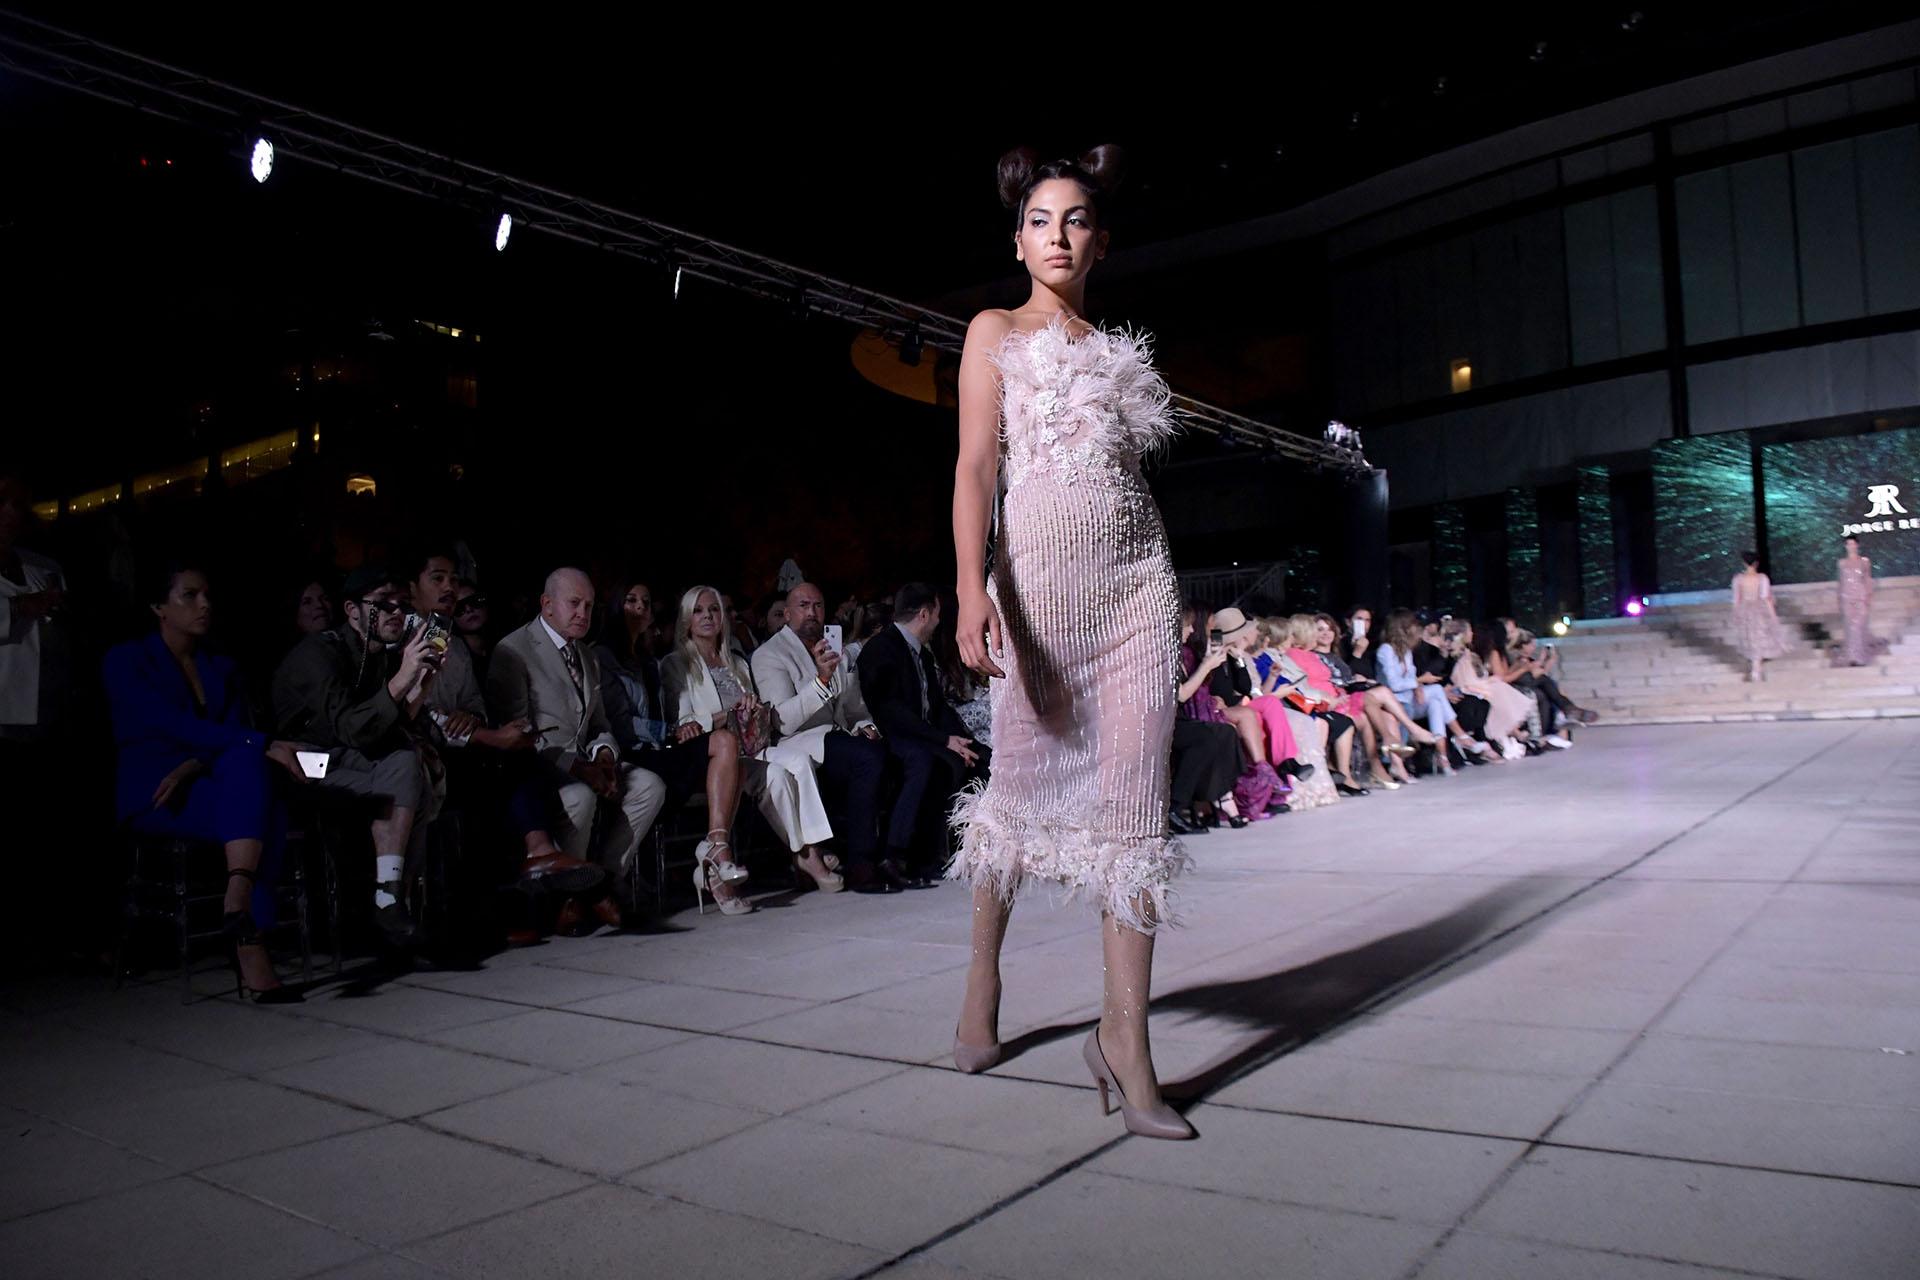 Al cuerpo, strapless, con plumas y perlas.Uno de los últimos diseños de la pasarelaJorge rey en tonalidades rosados